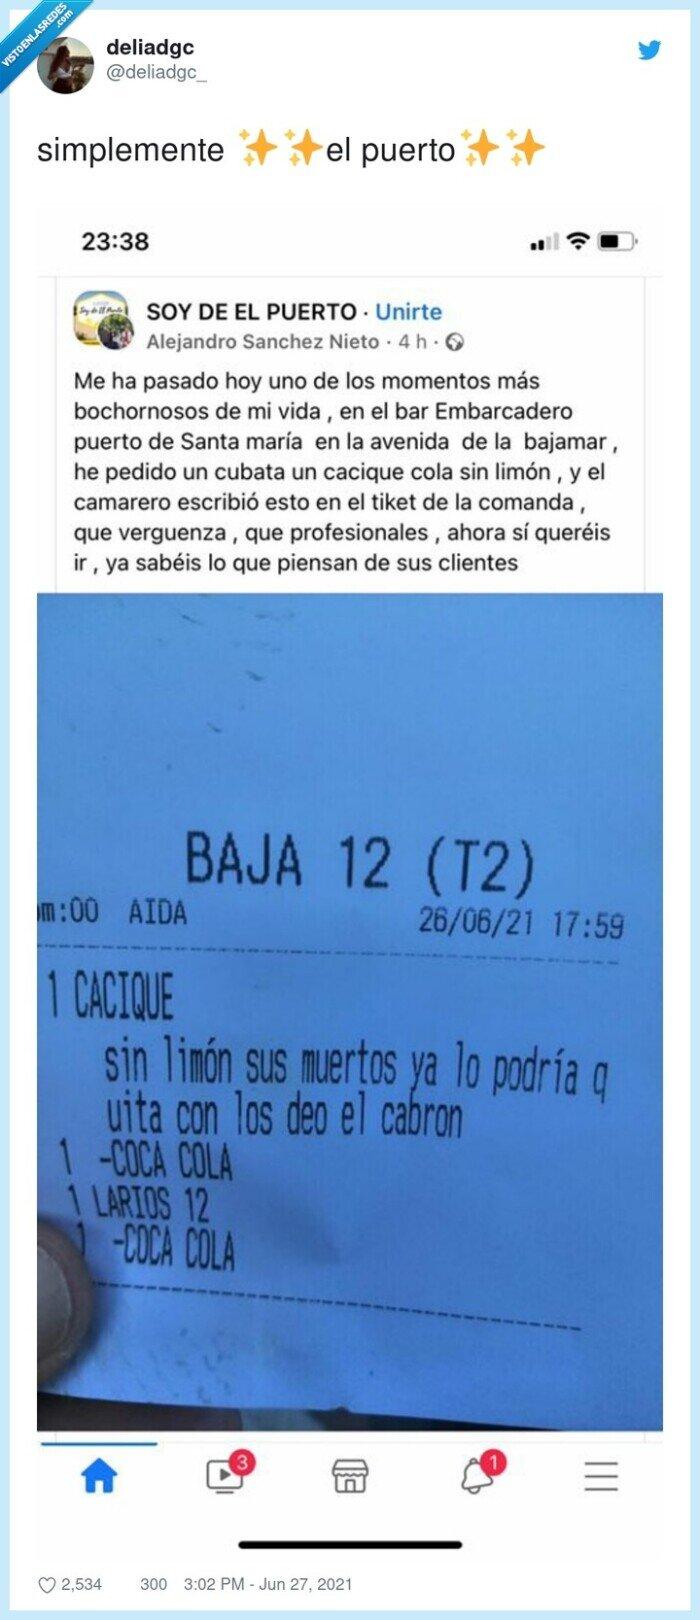 factura,mojito,ticket